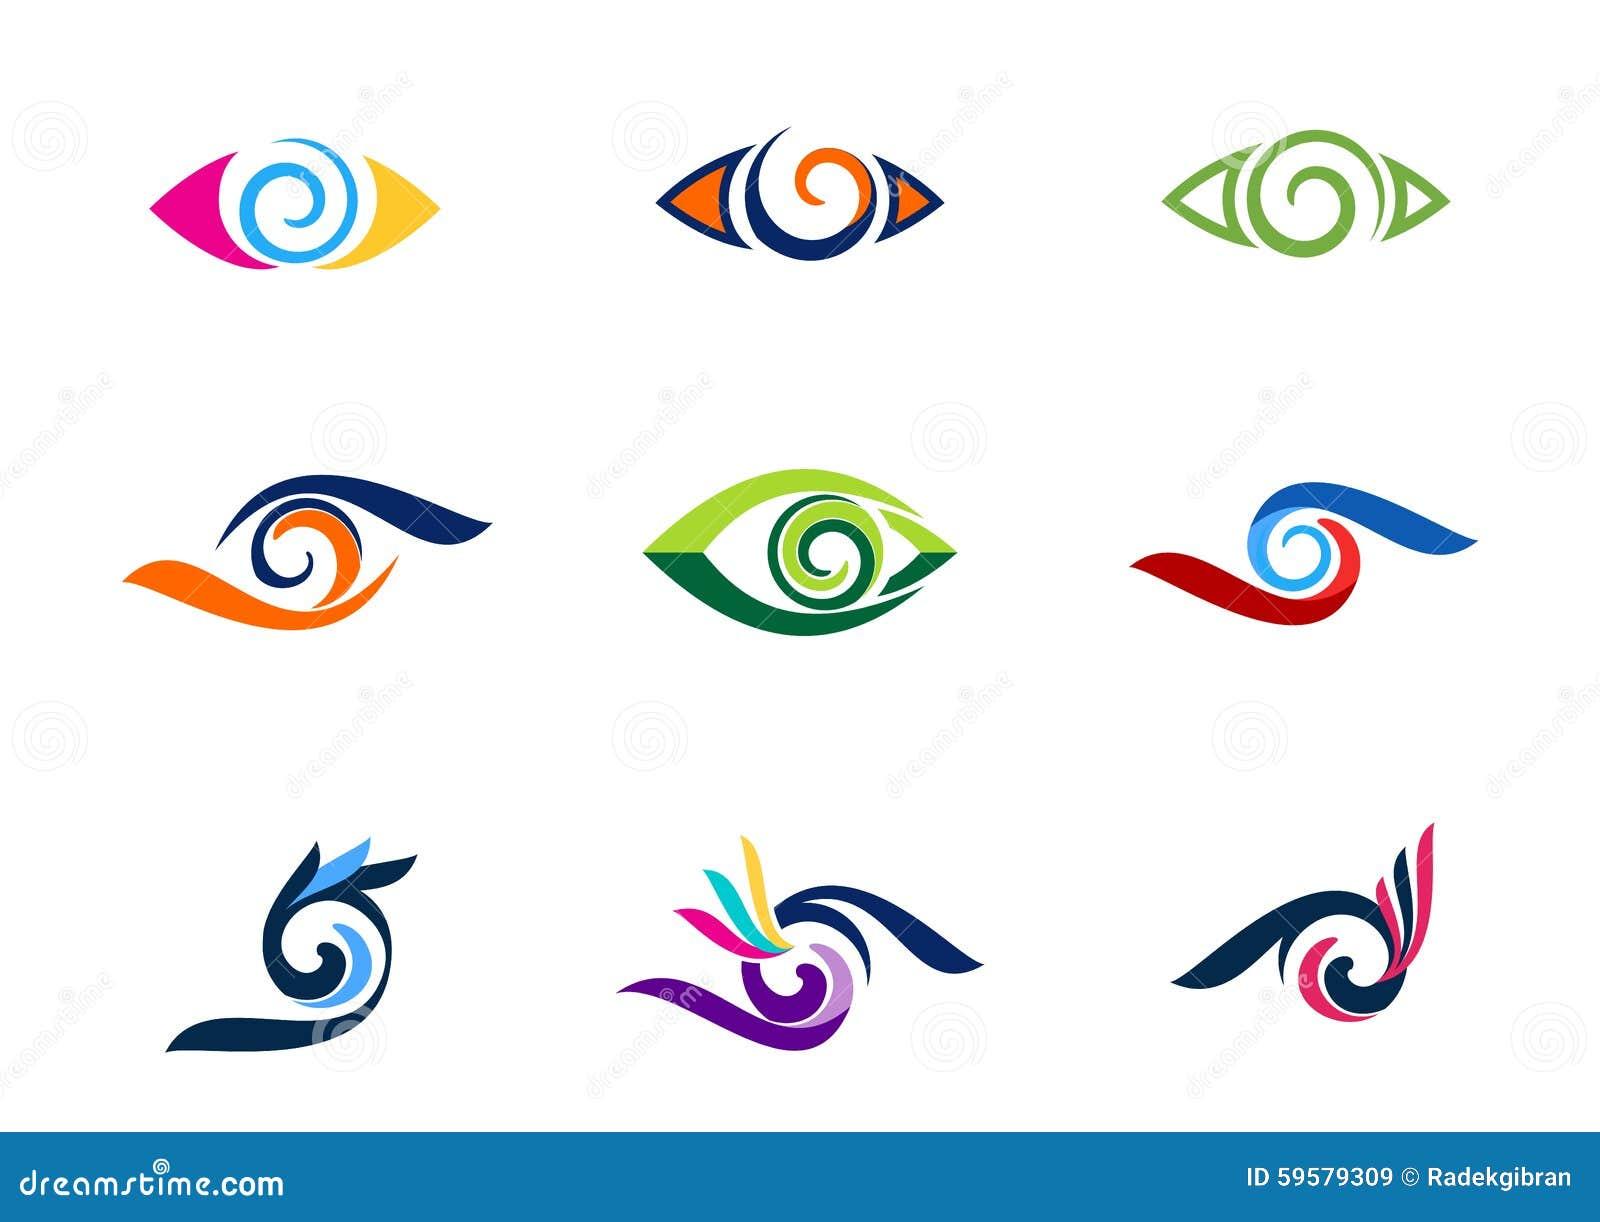 注视视觉商标,时尚,睫毛,汇集漩涡眼睛商标,盘旋视觉例证标志,球形漩涡象传染媒介